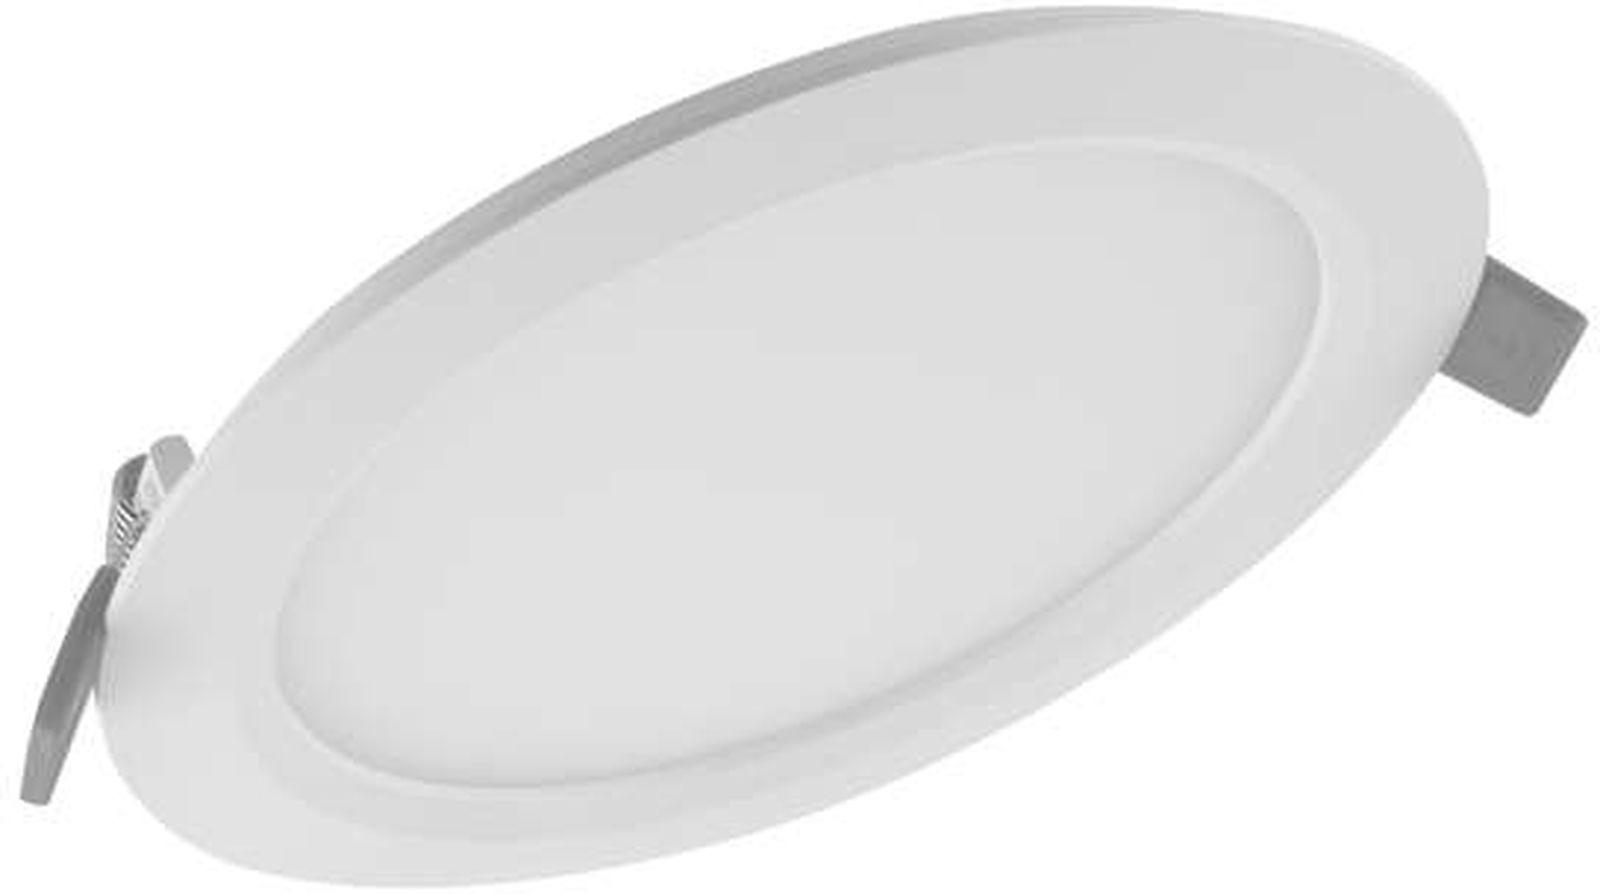 Встраиваемый светильник Ledvance Osram Downlight Slim DLR, 9 Вт, 600 Лм, 6500 К, Без цоколя недорго, оригинальная цена